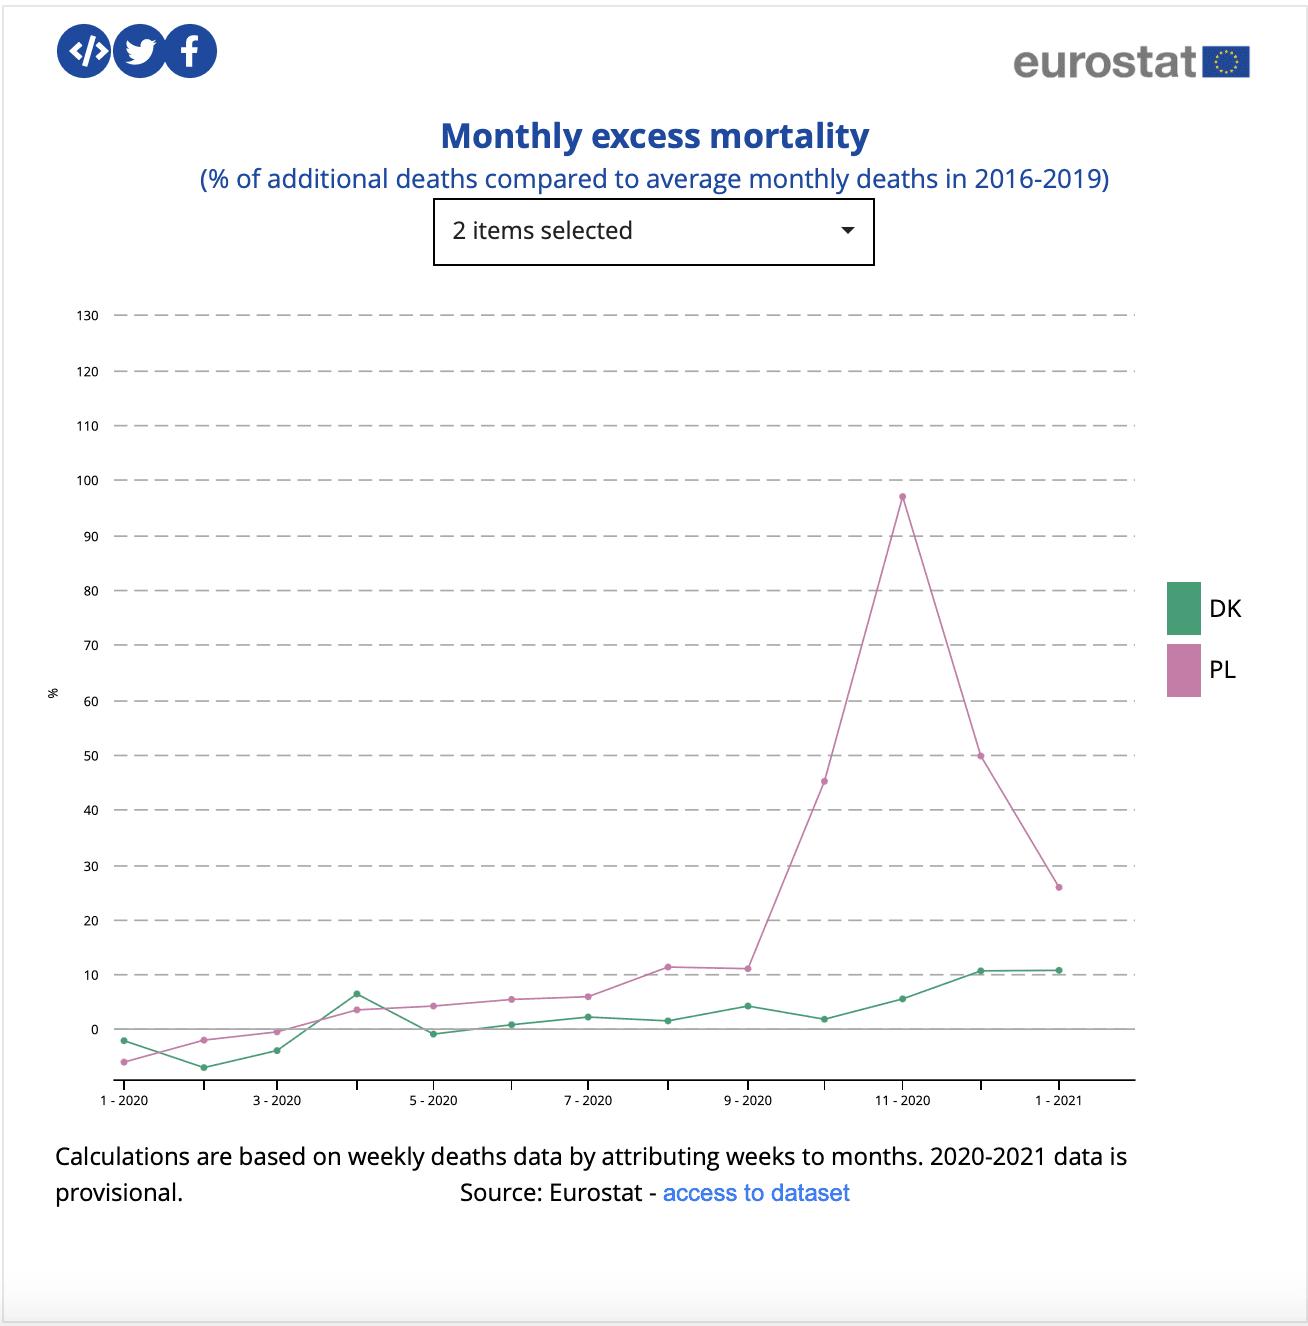 Ile jest nadmiarowych zgonów wporównaniu dookresu przed epidemią wPolsce iDanii?